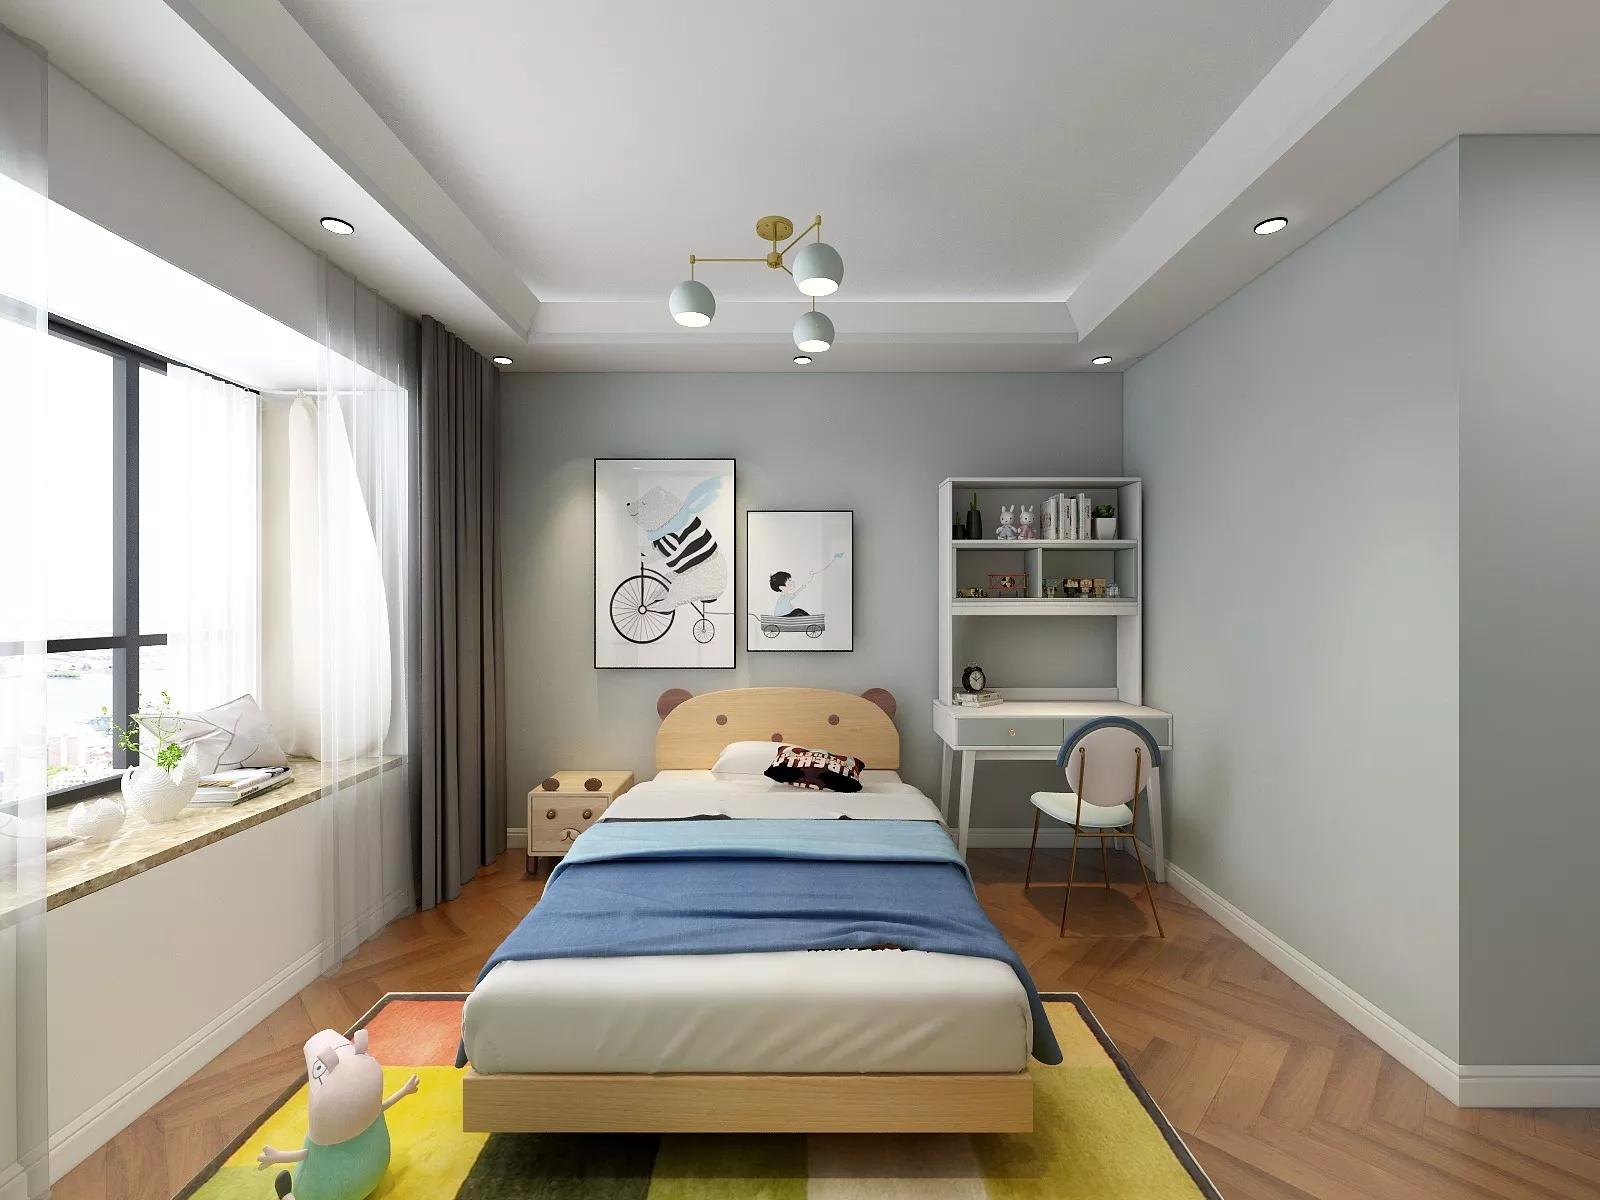 现代简约风格公寓装修效果图